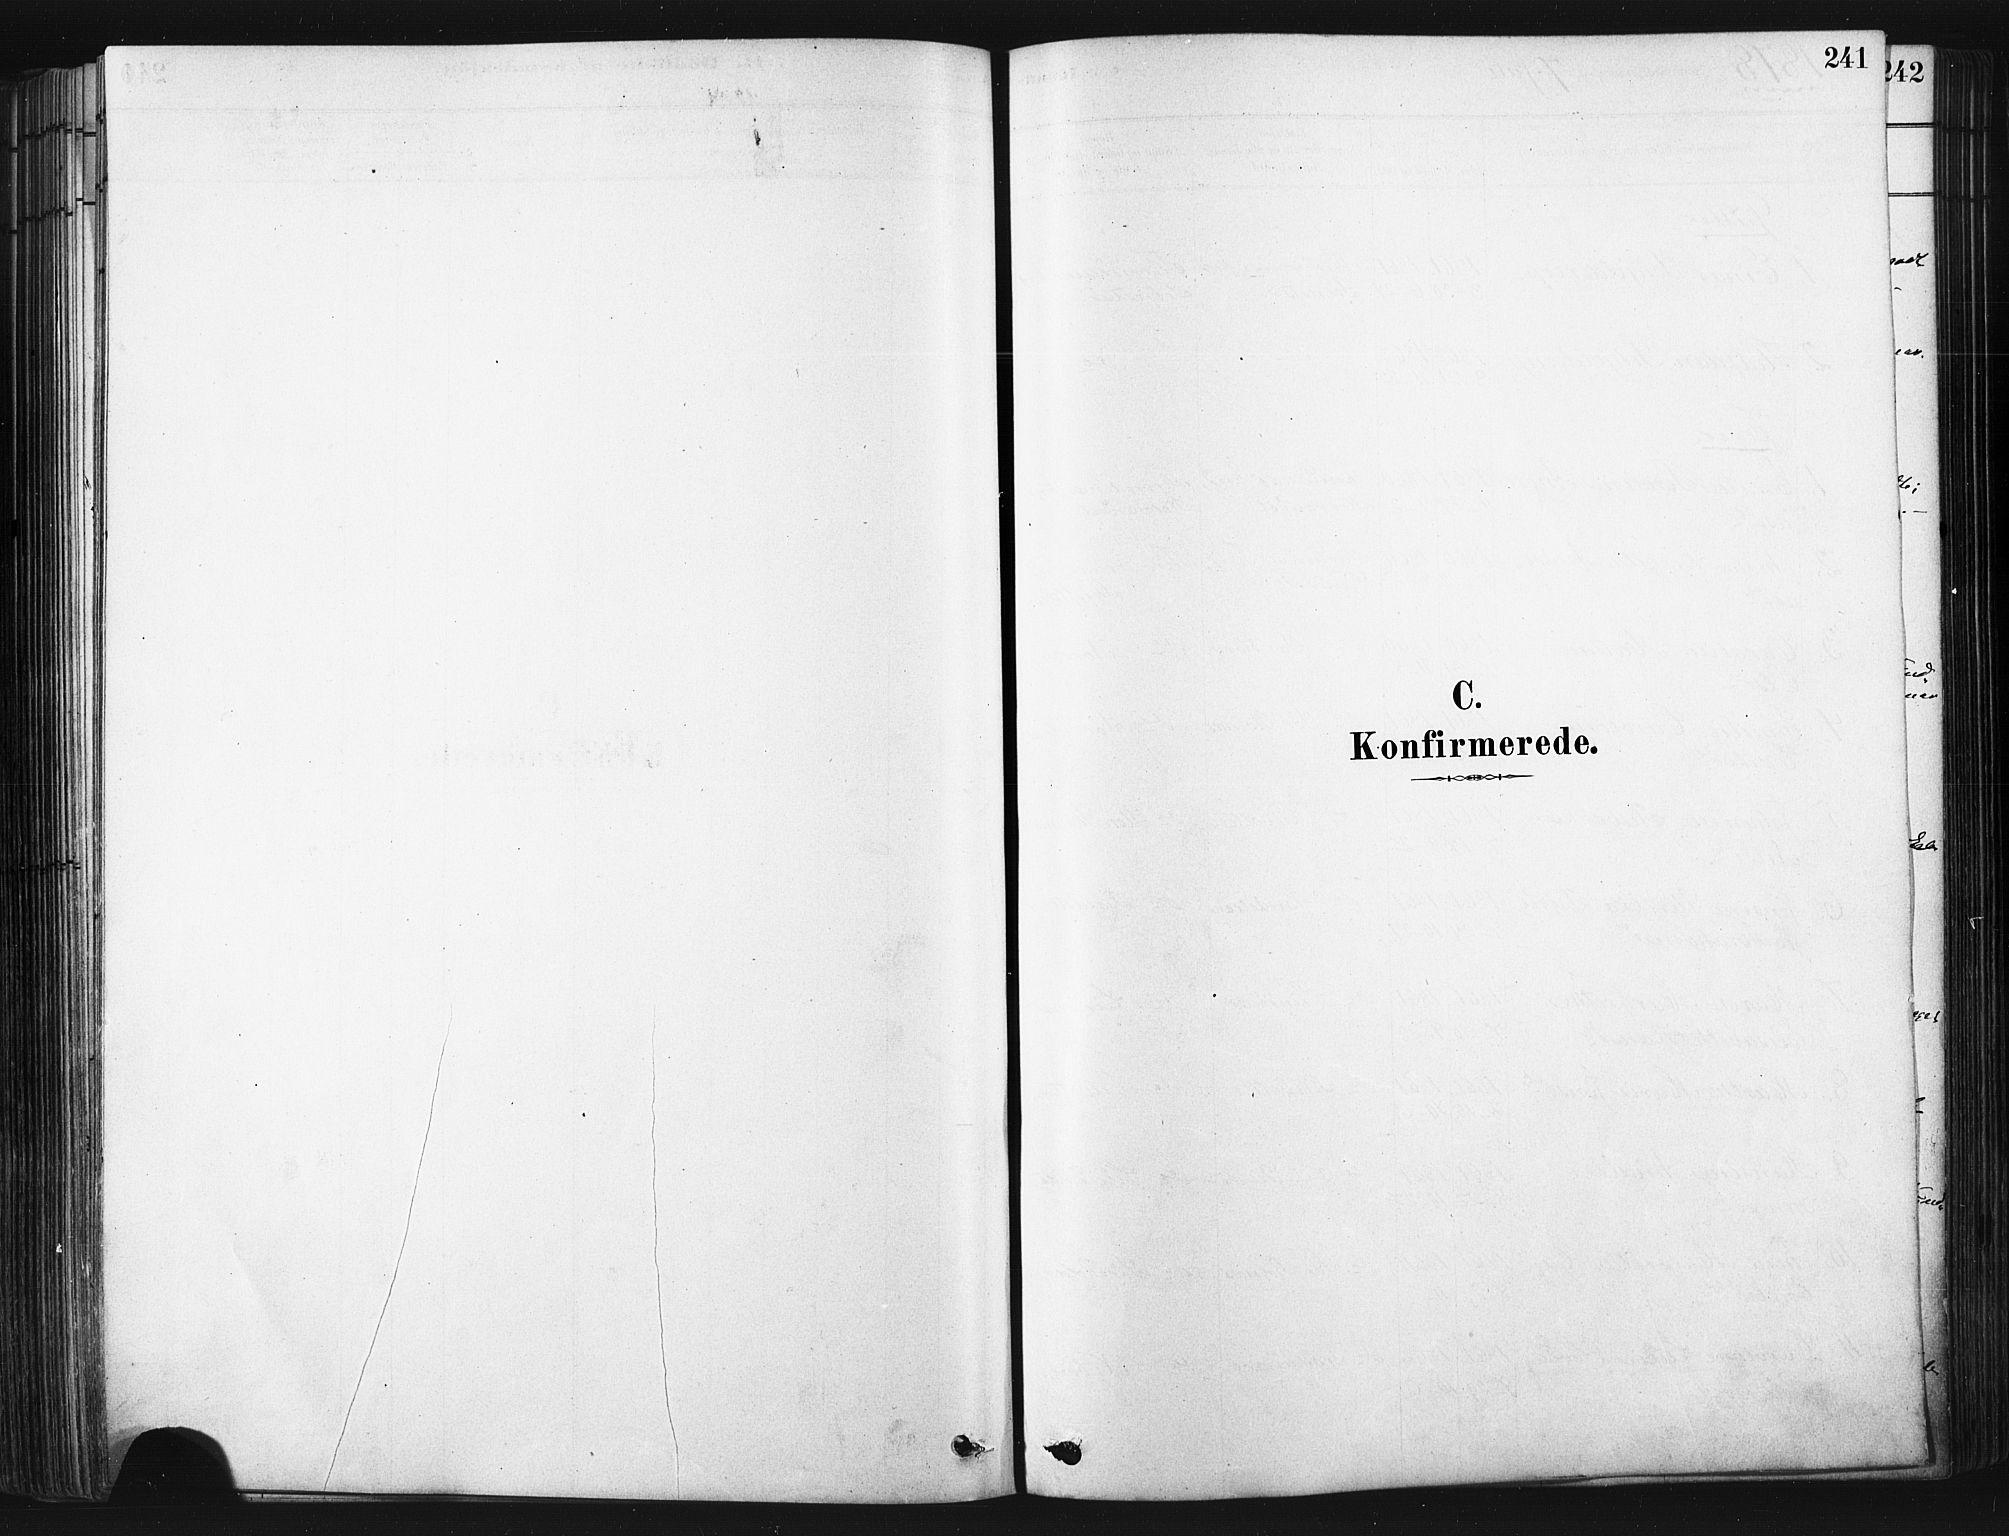 SATØ, Trondenes sokneprestkontor, H/Ha/L0014kirke: Ministerialbok nr. 14, 1878-1889, s. 241